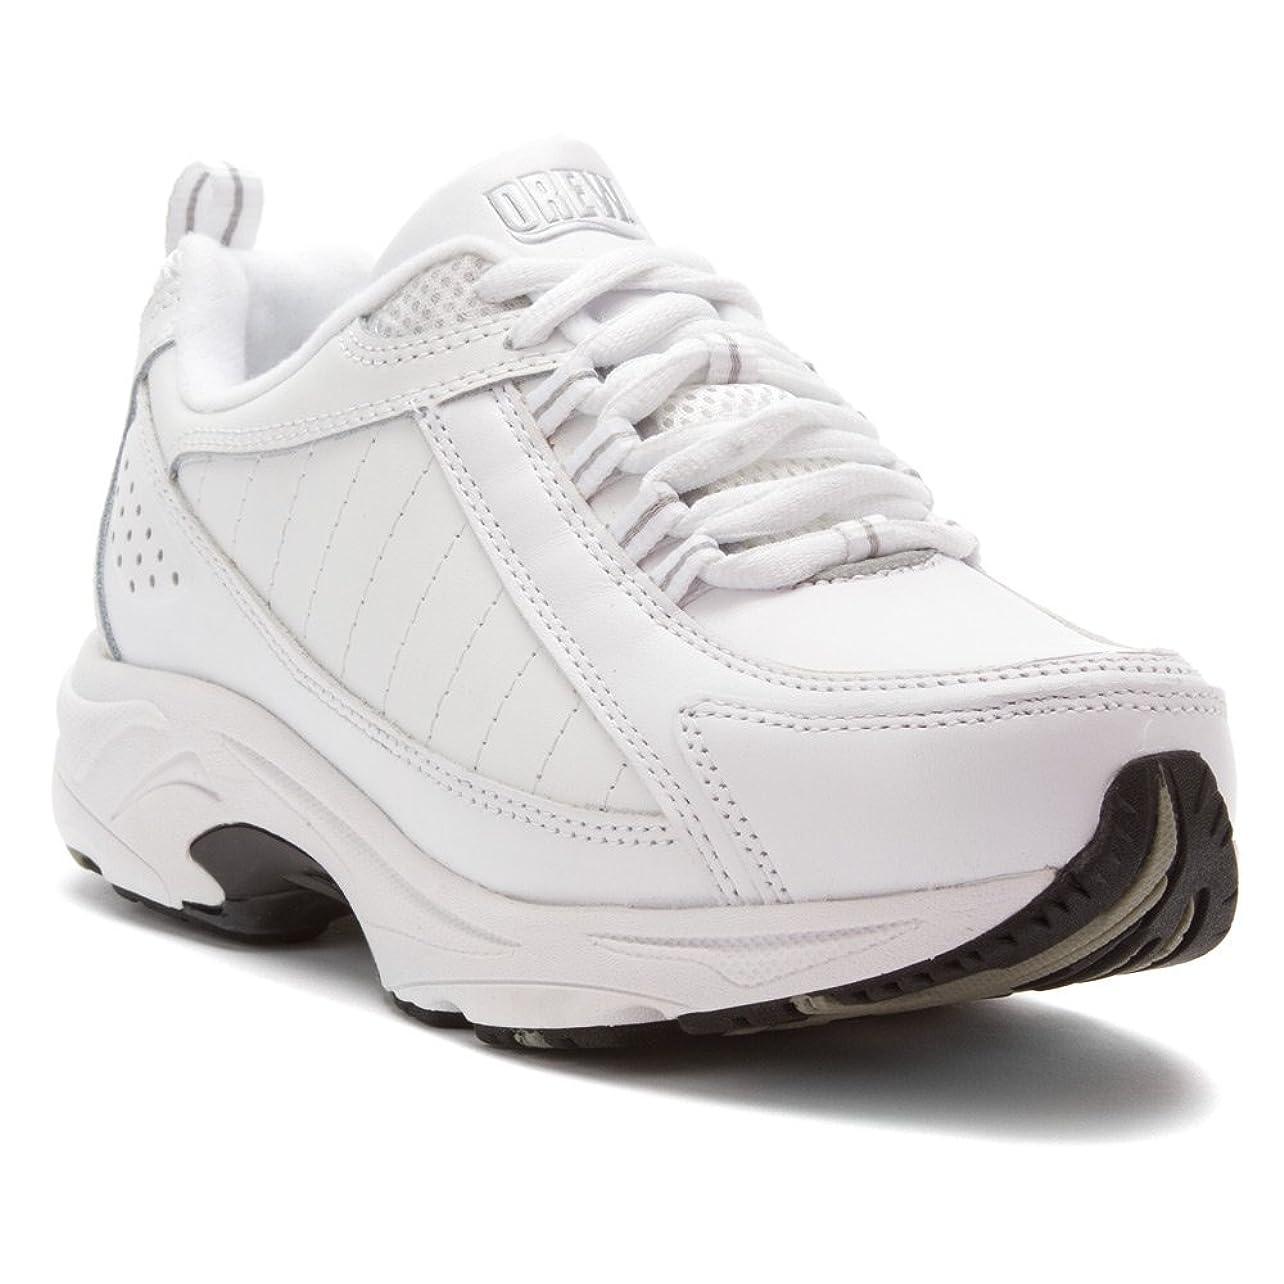 転倒重なる敵[Drew Shoe] レディース カラー: ホワイト